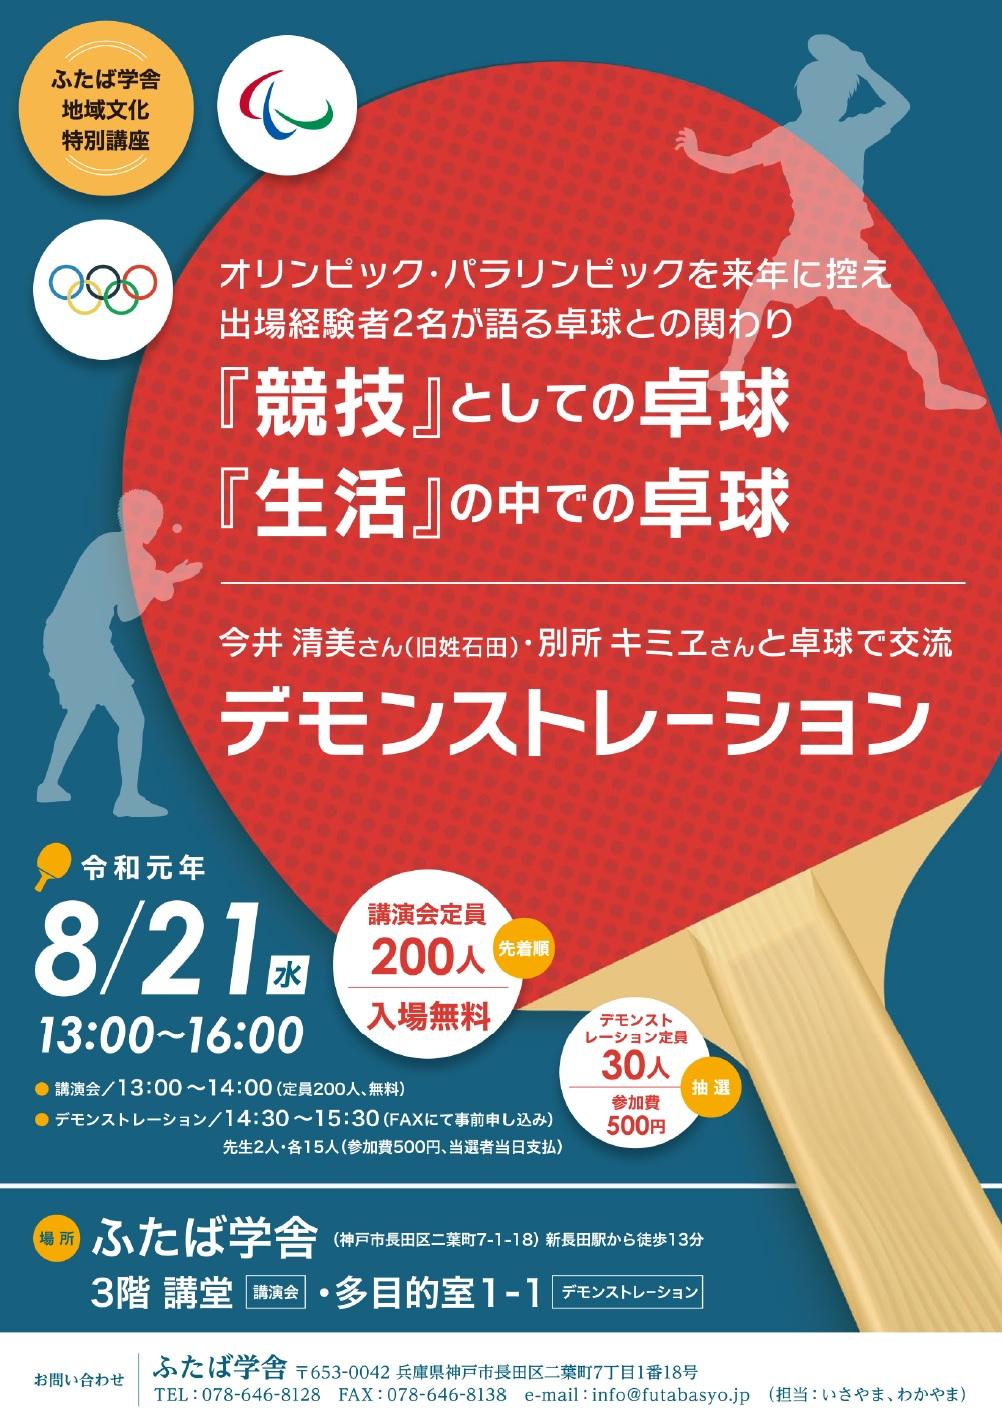 地域文化特別講座 オリンピック・パラリンピック卓球講演会&デモンストレーション